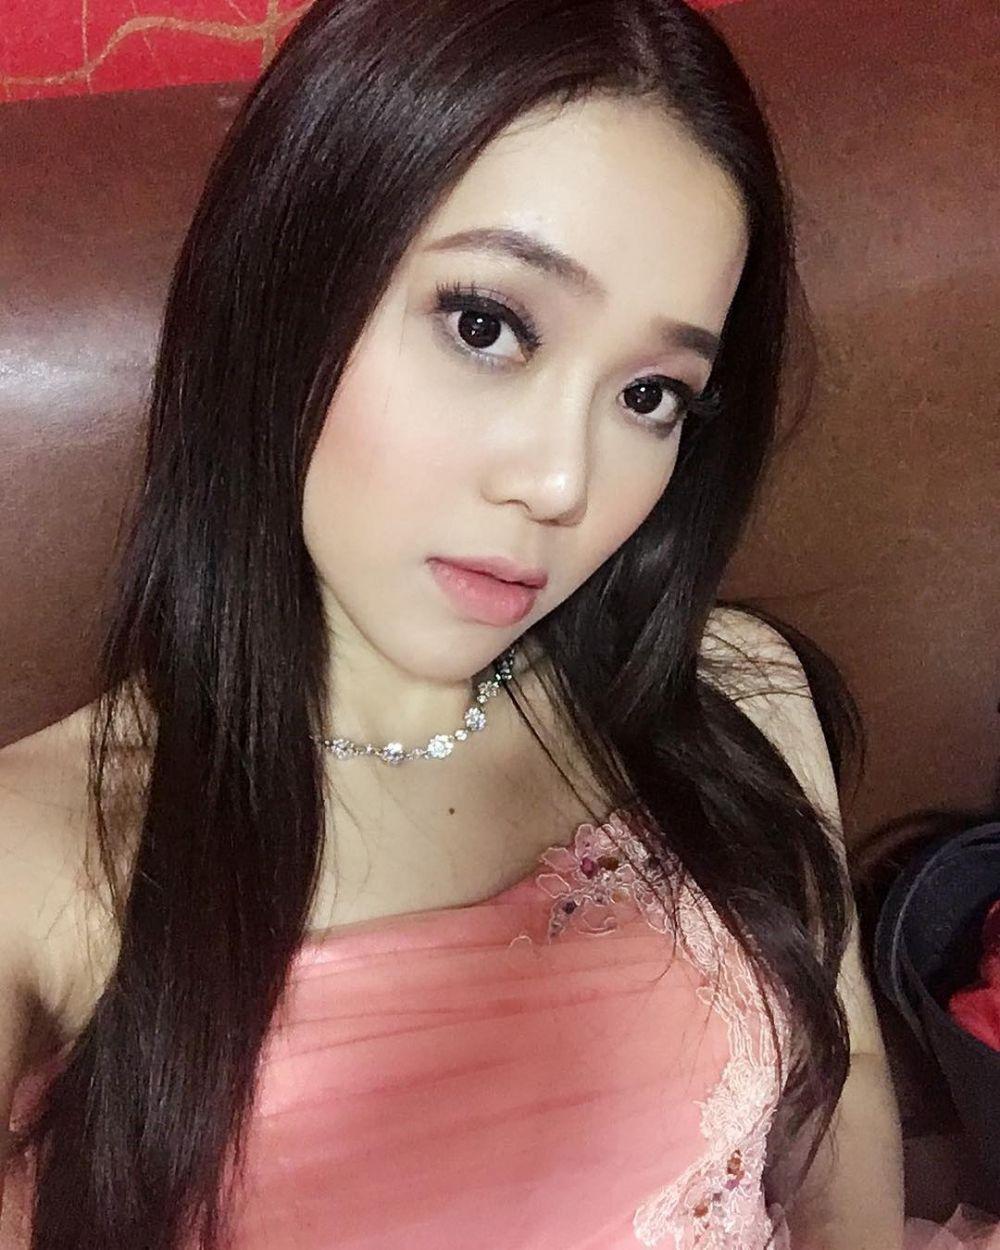 rebecca regina wanita cantik lawan main om jin © 2017 instagram